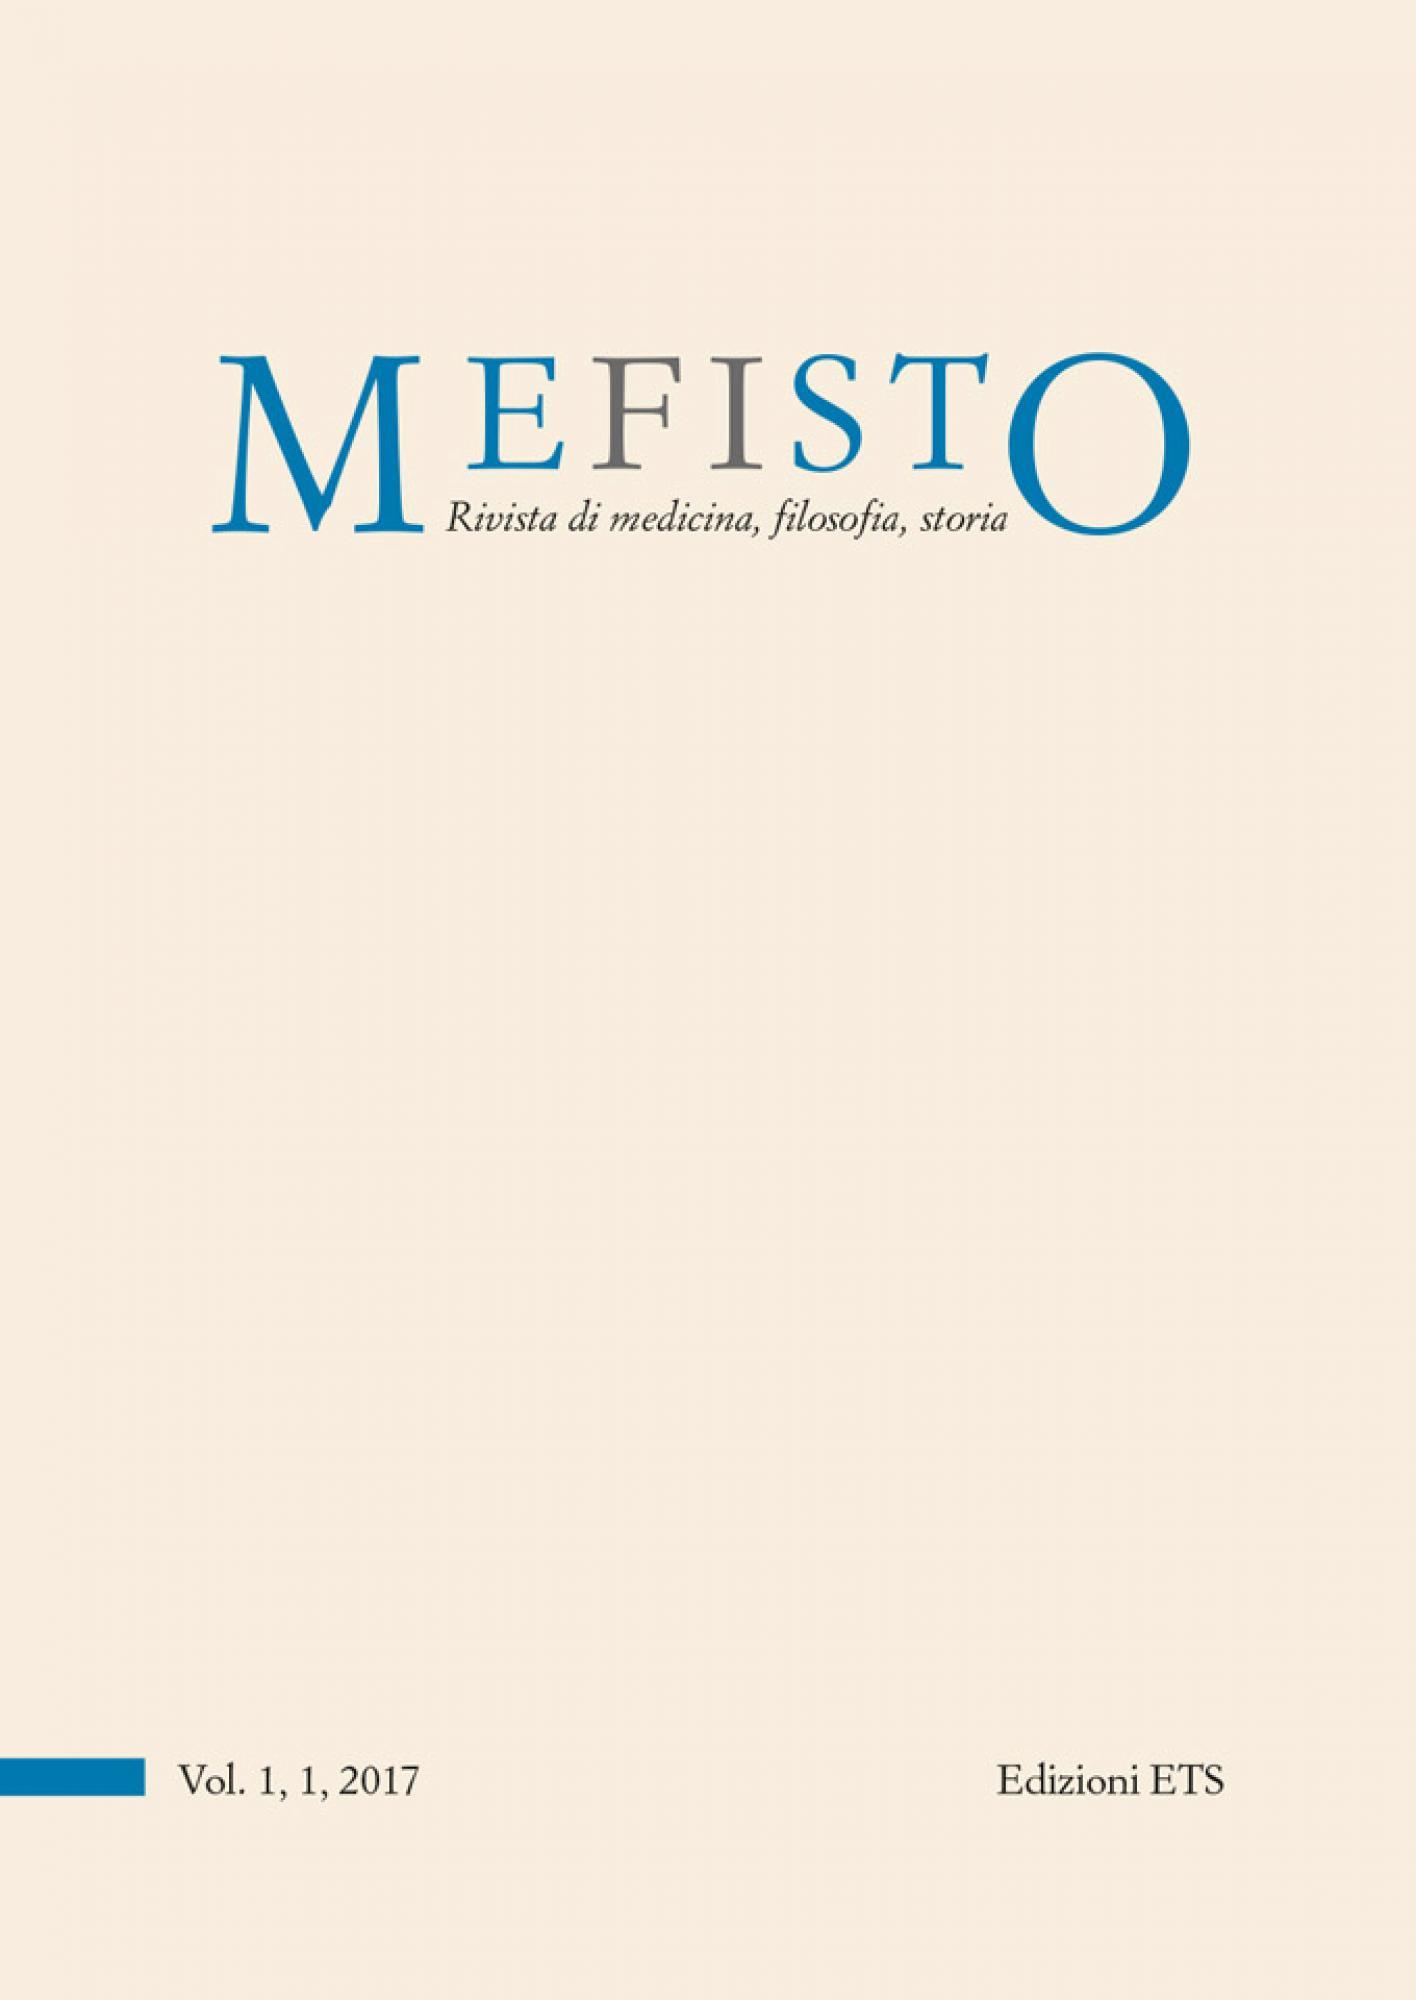 MEFISTO. Rivista di medicina, filosofia, storia.Vol. 1, 1, 2017 (già Medicina&Storia)